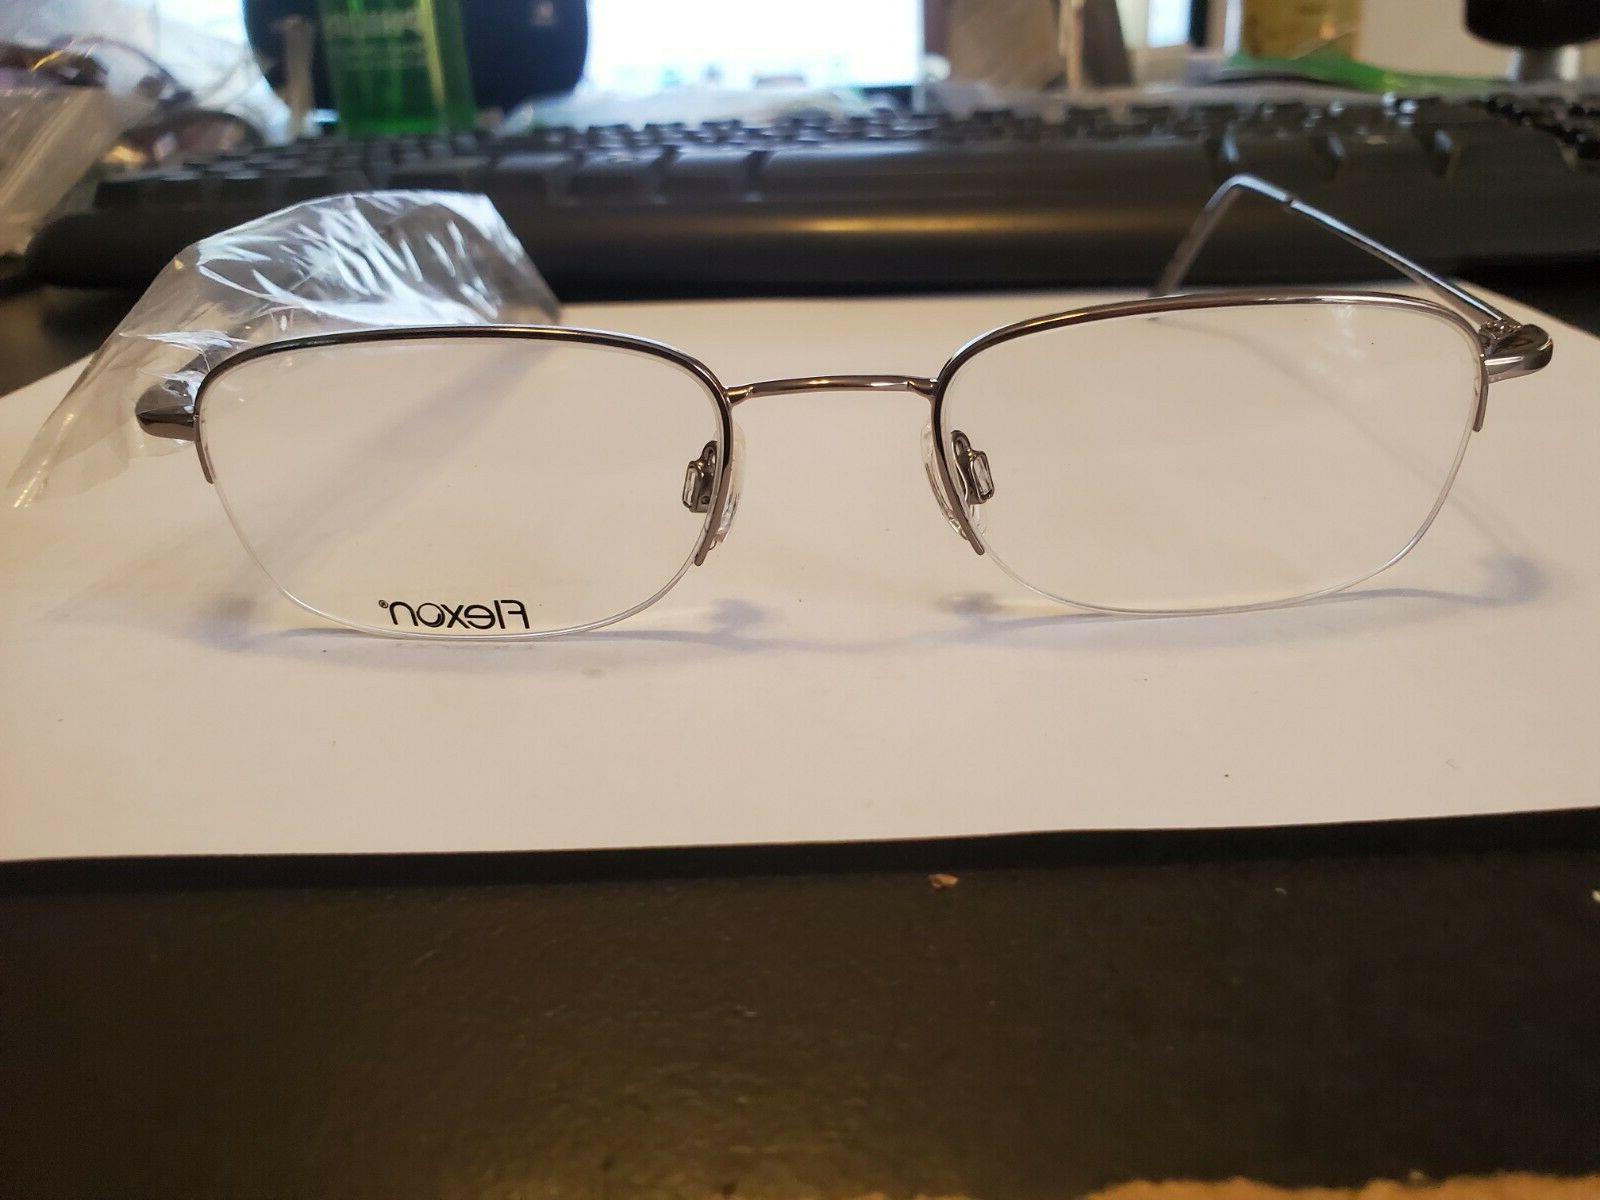 Flexon Eyeglasses FLX 807Mag-Set 33